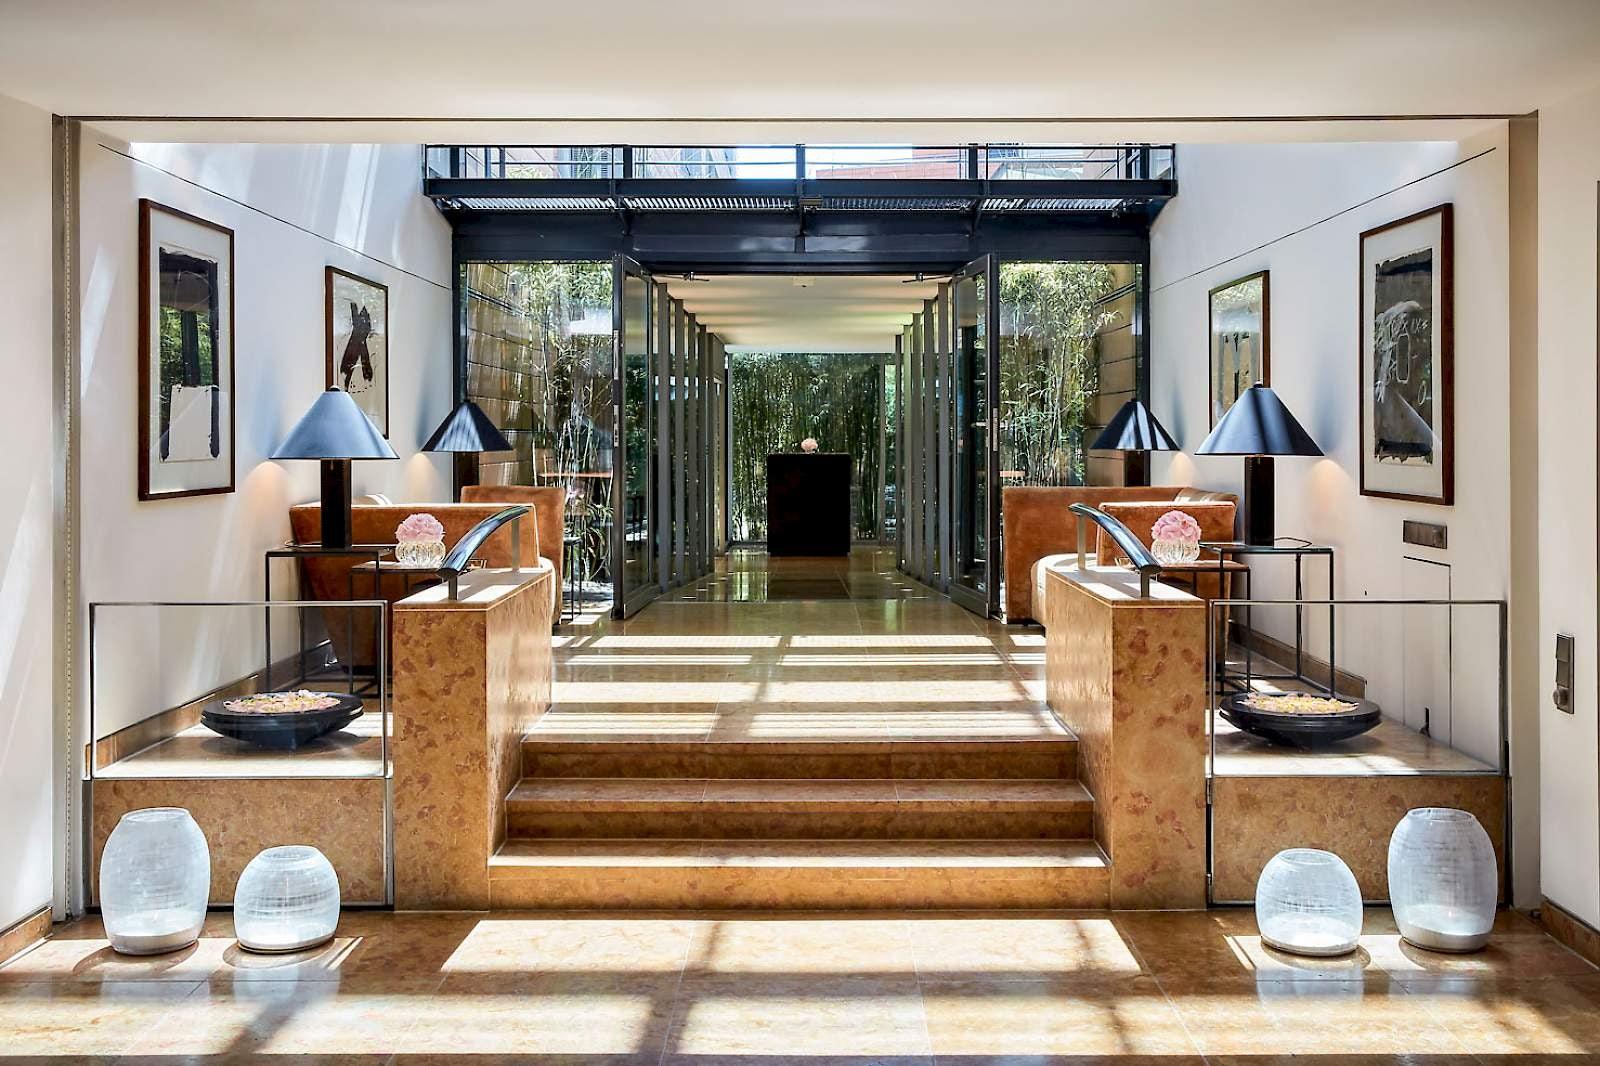 interior at Restaurant Facil